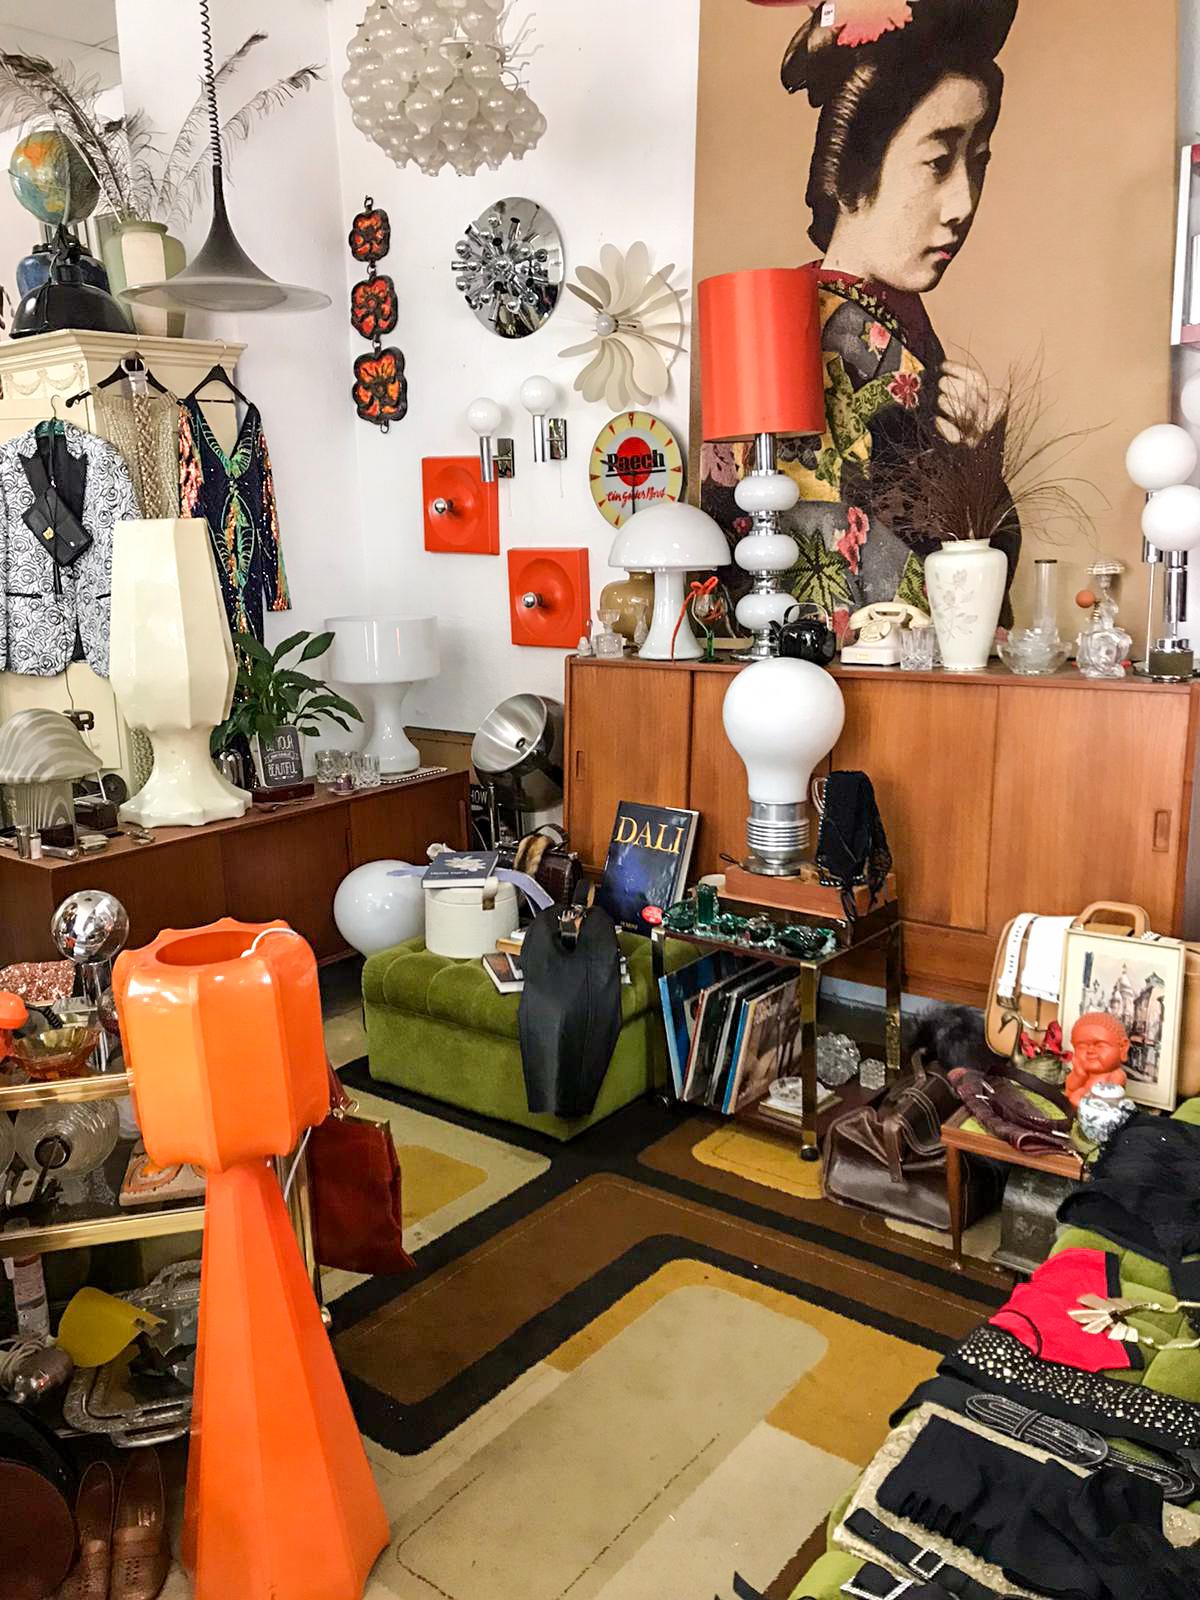 Vintage Möbel Berlin O.F.T - Ohne Frage toll ist eine ganz besondere Adresse für Vintage-Mobiliar auf der Chausseestraße.